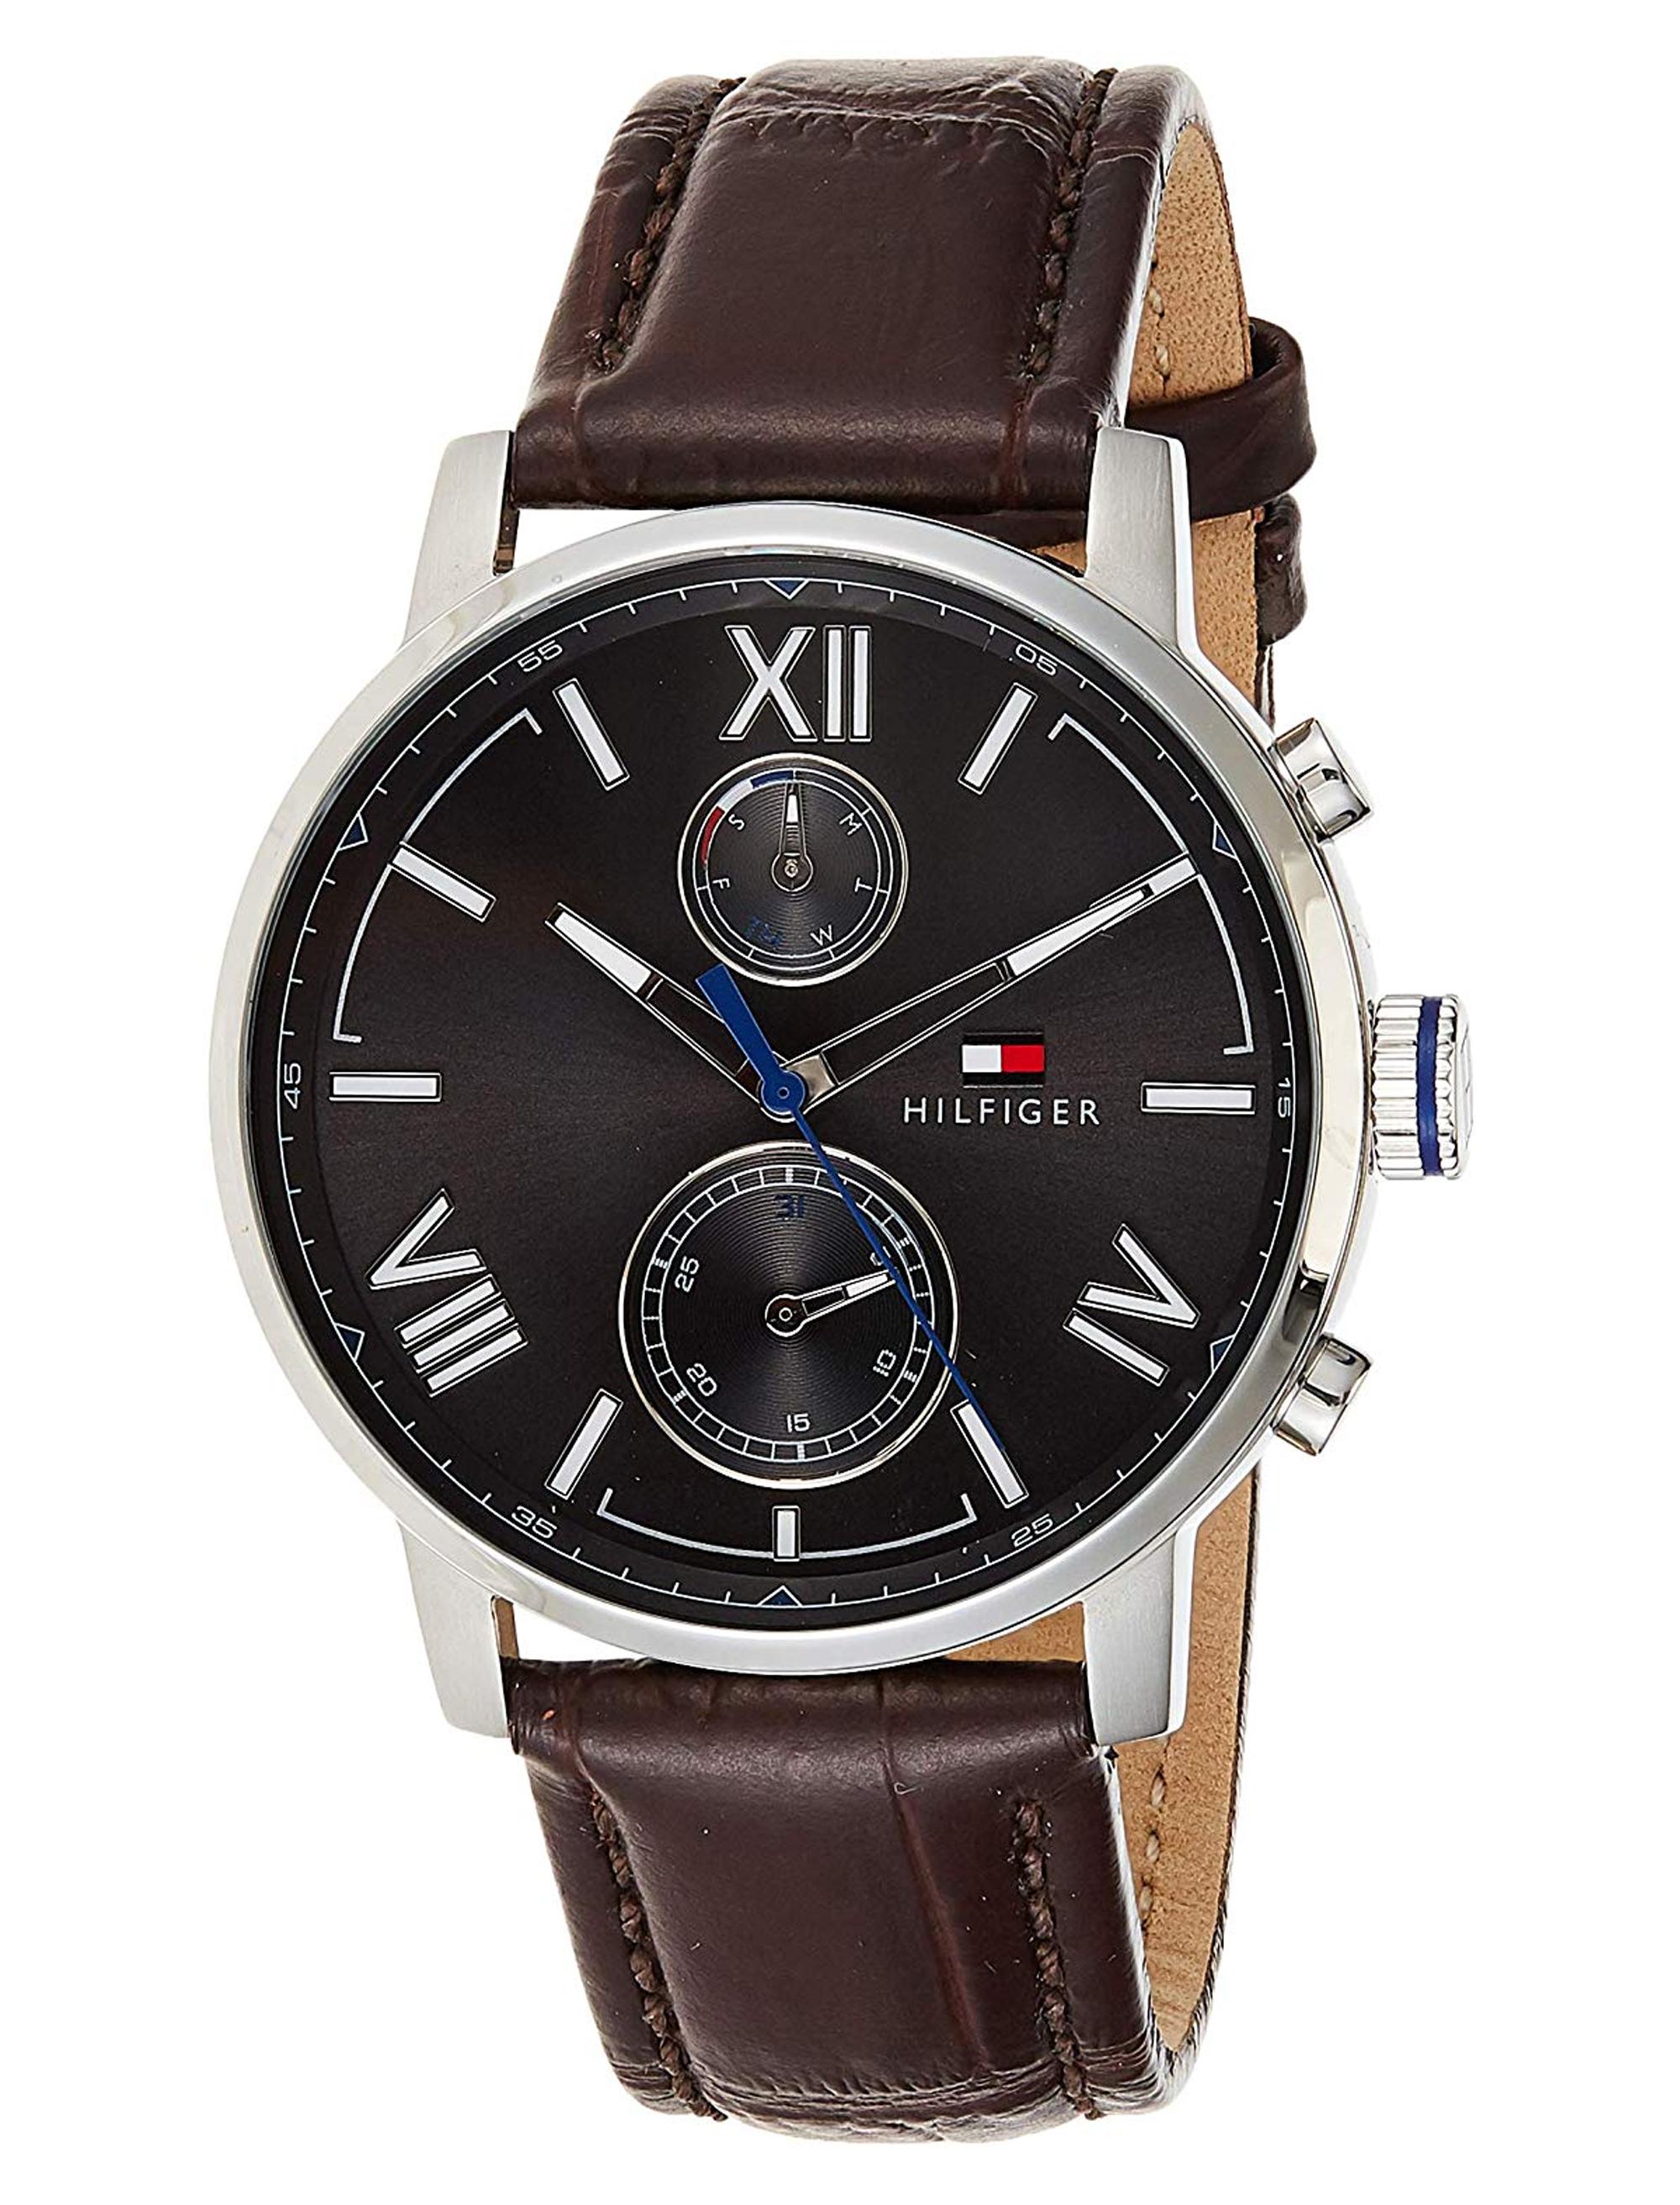 ساعت مچی عقربه ای مردانه تامی هیلفیگر مدل 1791309